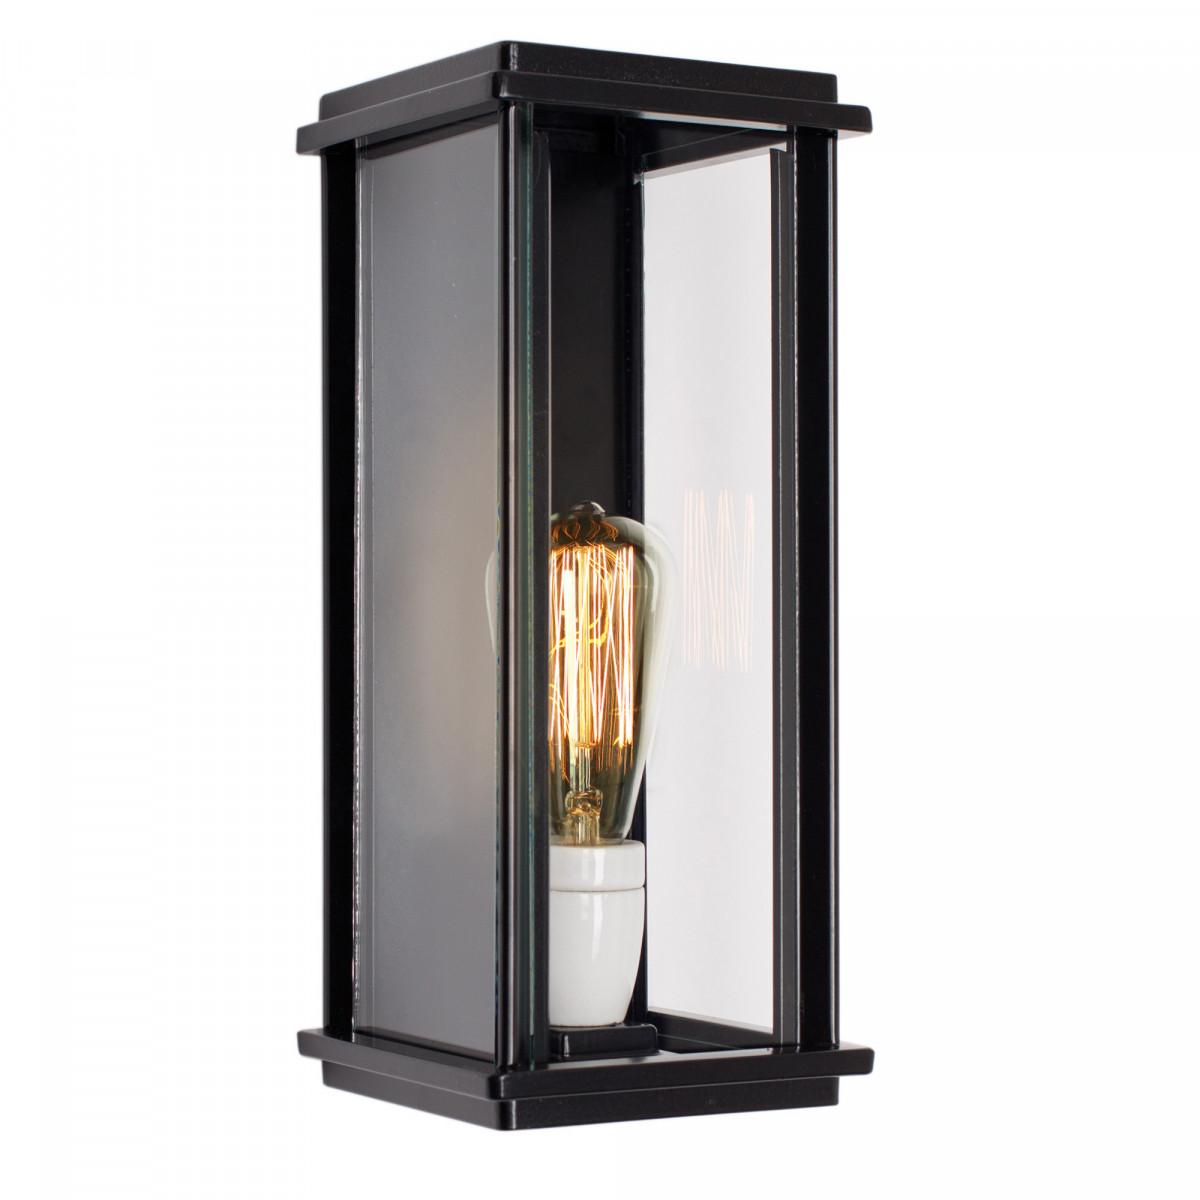 Buitenlamp Capital zwart prachtige KS buitenverlichting in een strak klassieke stijl